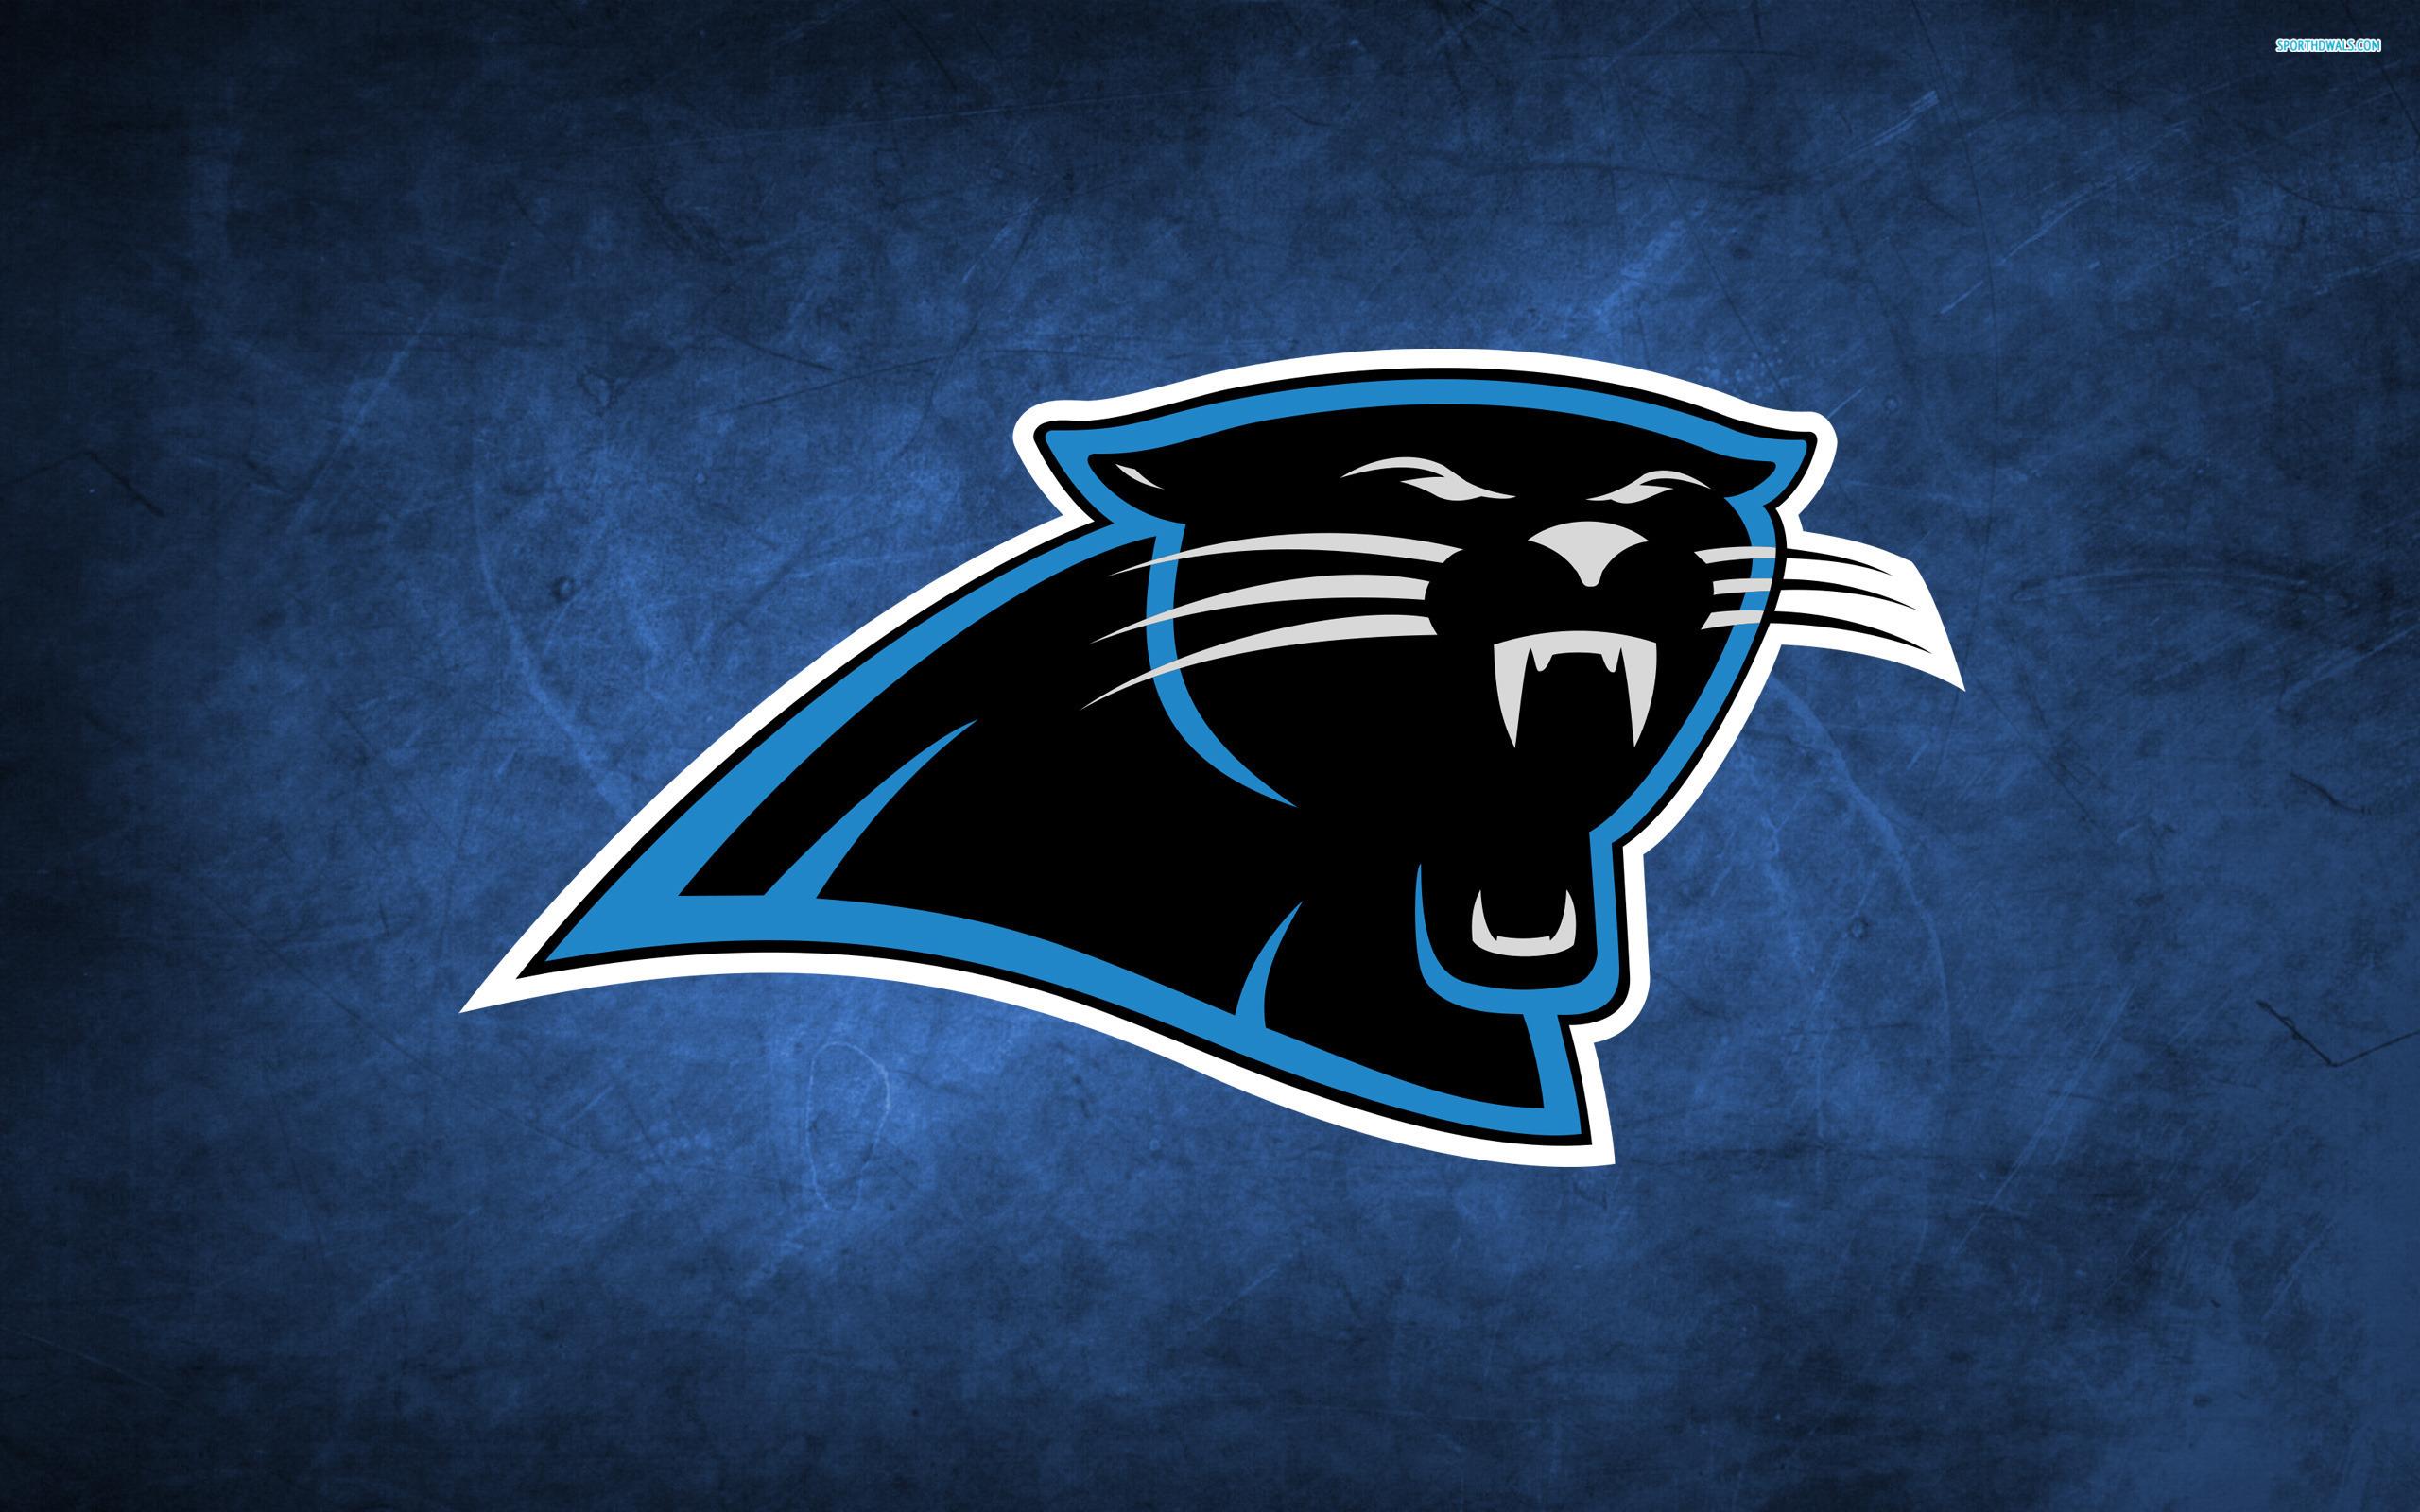 Carolina Panthers wallpaper 2560x1600 2560x1600